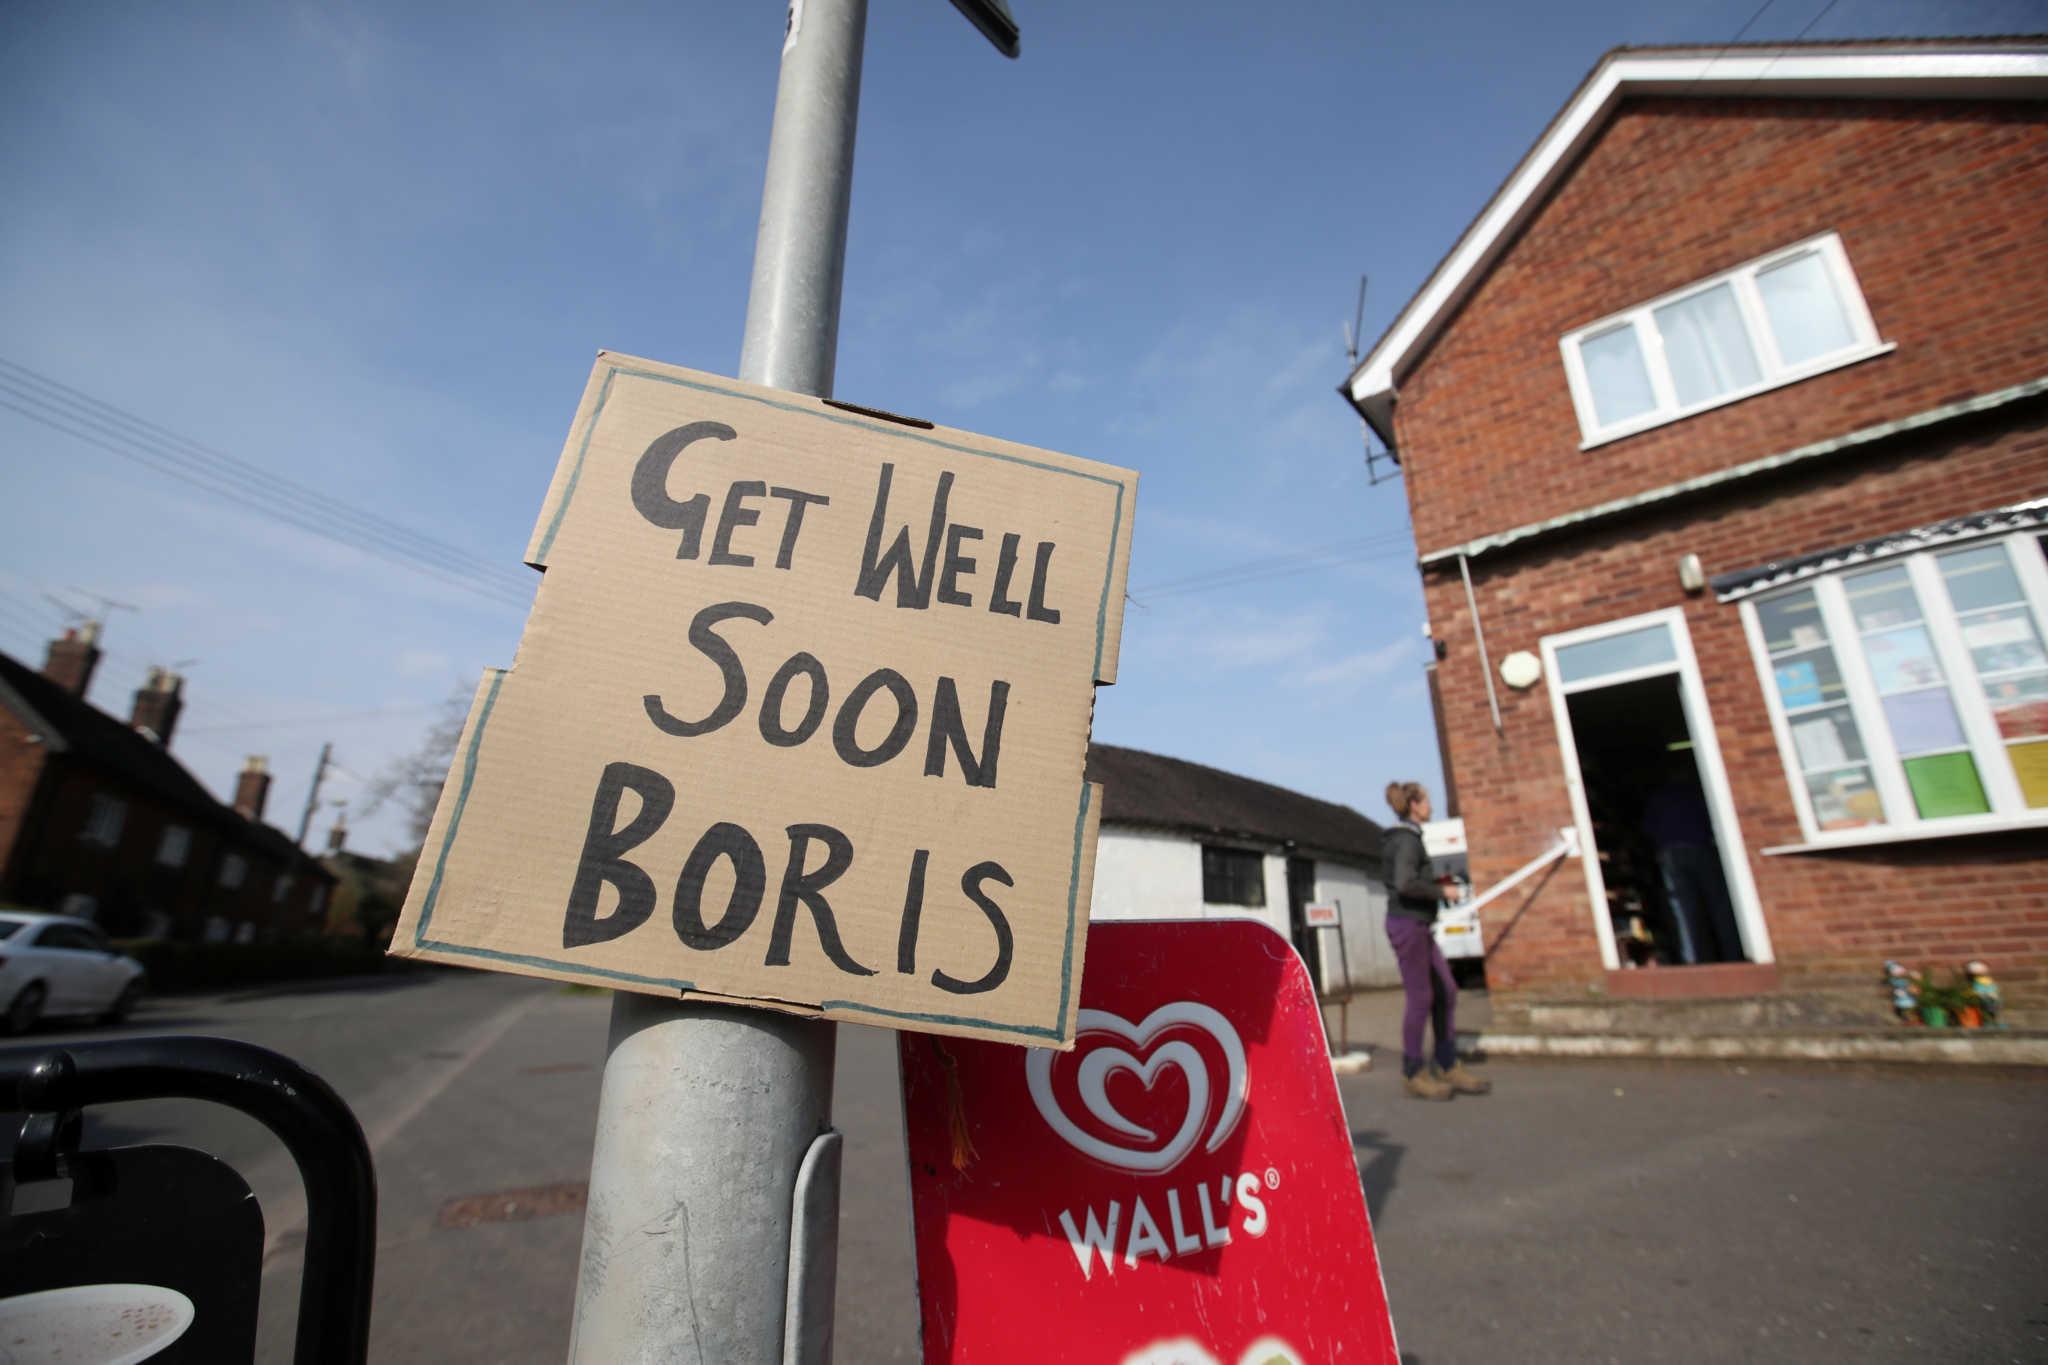 Μπόρις Τζόνσον, Εκτός ΜΕΘ ο Πρωθυπουργός της Βρετανίας Μπόρις Τζόνσον, Eviathema.gr | ΕΥΒΟΙΑ ΝΕΑ - Νέα και ειδήσεις από όλη την Εύβοια